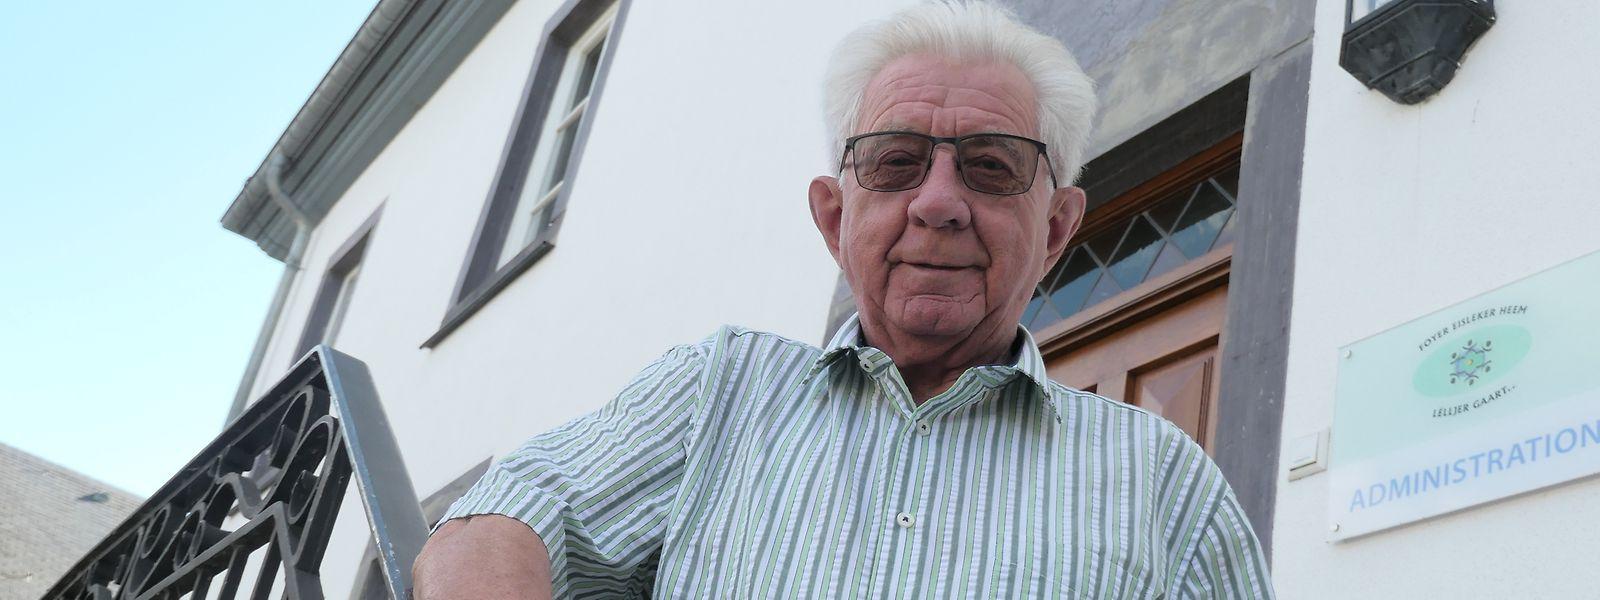 Nach 40 Jahren ehrenamtlichen Engagements will Robert Dichter in Zukunft kürzer treten. Mit André Sassel steht mittlerweile denn auch ein neuer Vorsitzender im Foyer Eisleker Heem bereit.